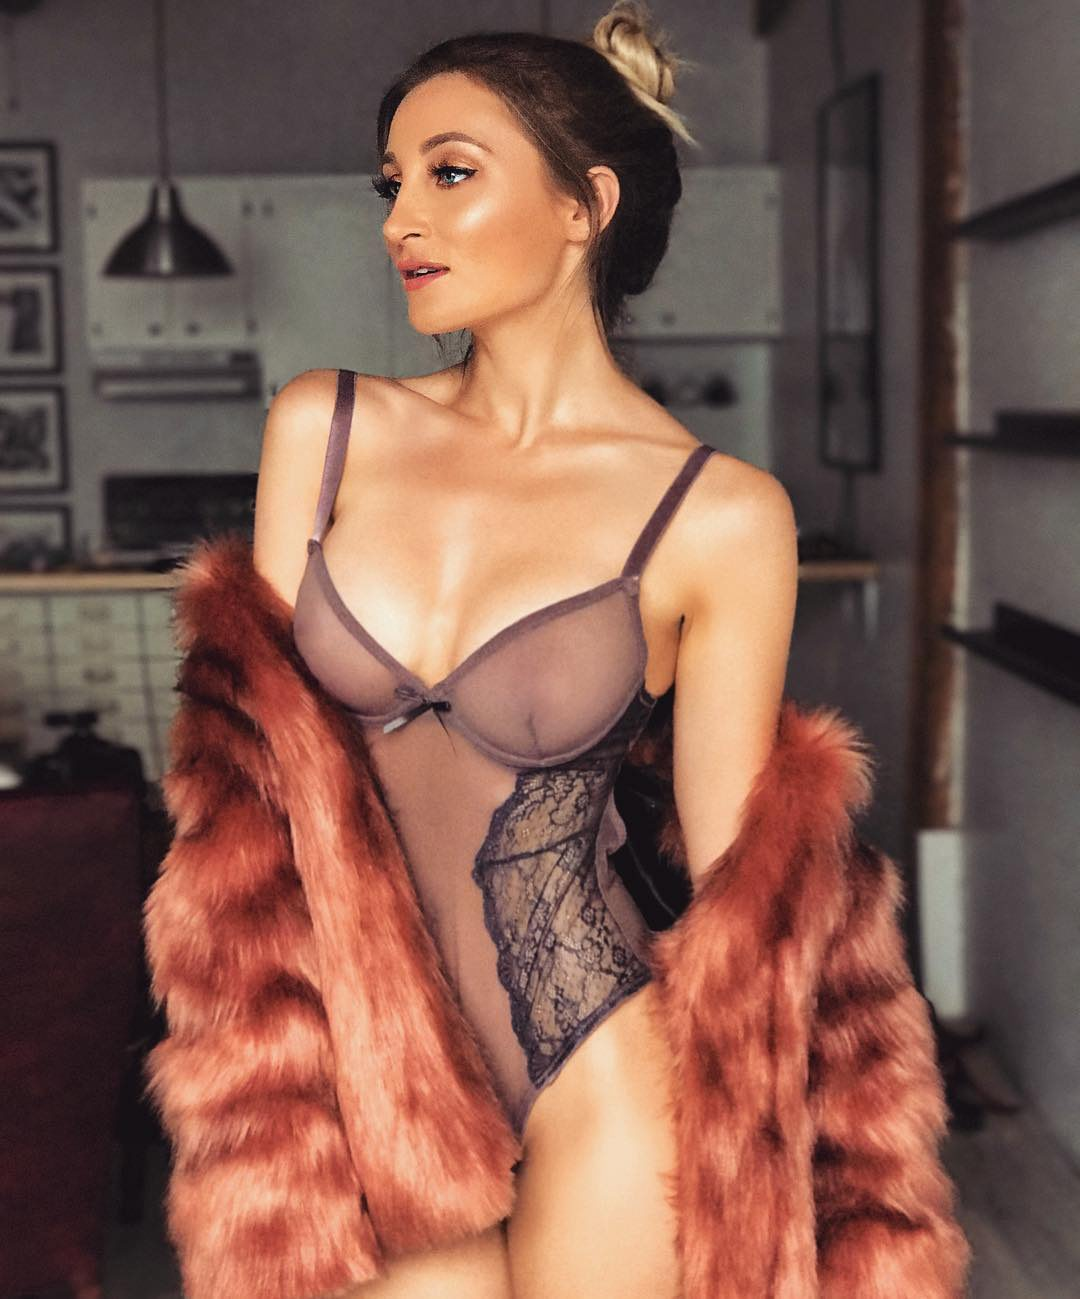 Model Teresa